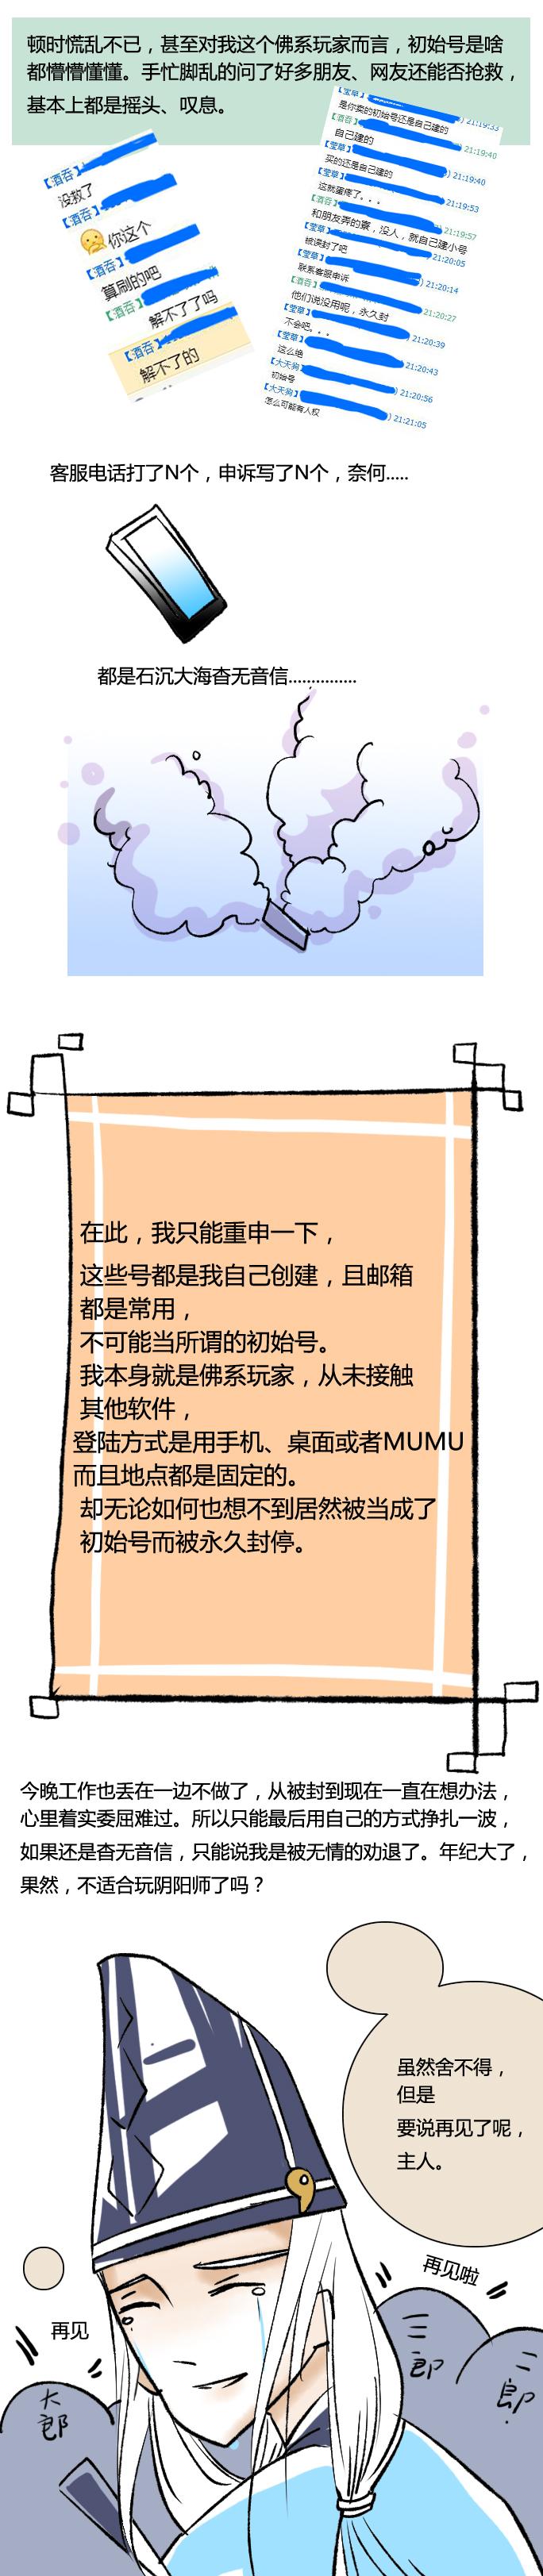 2-副本.jpg